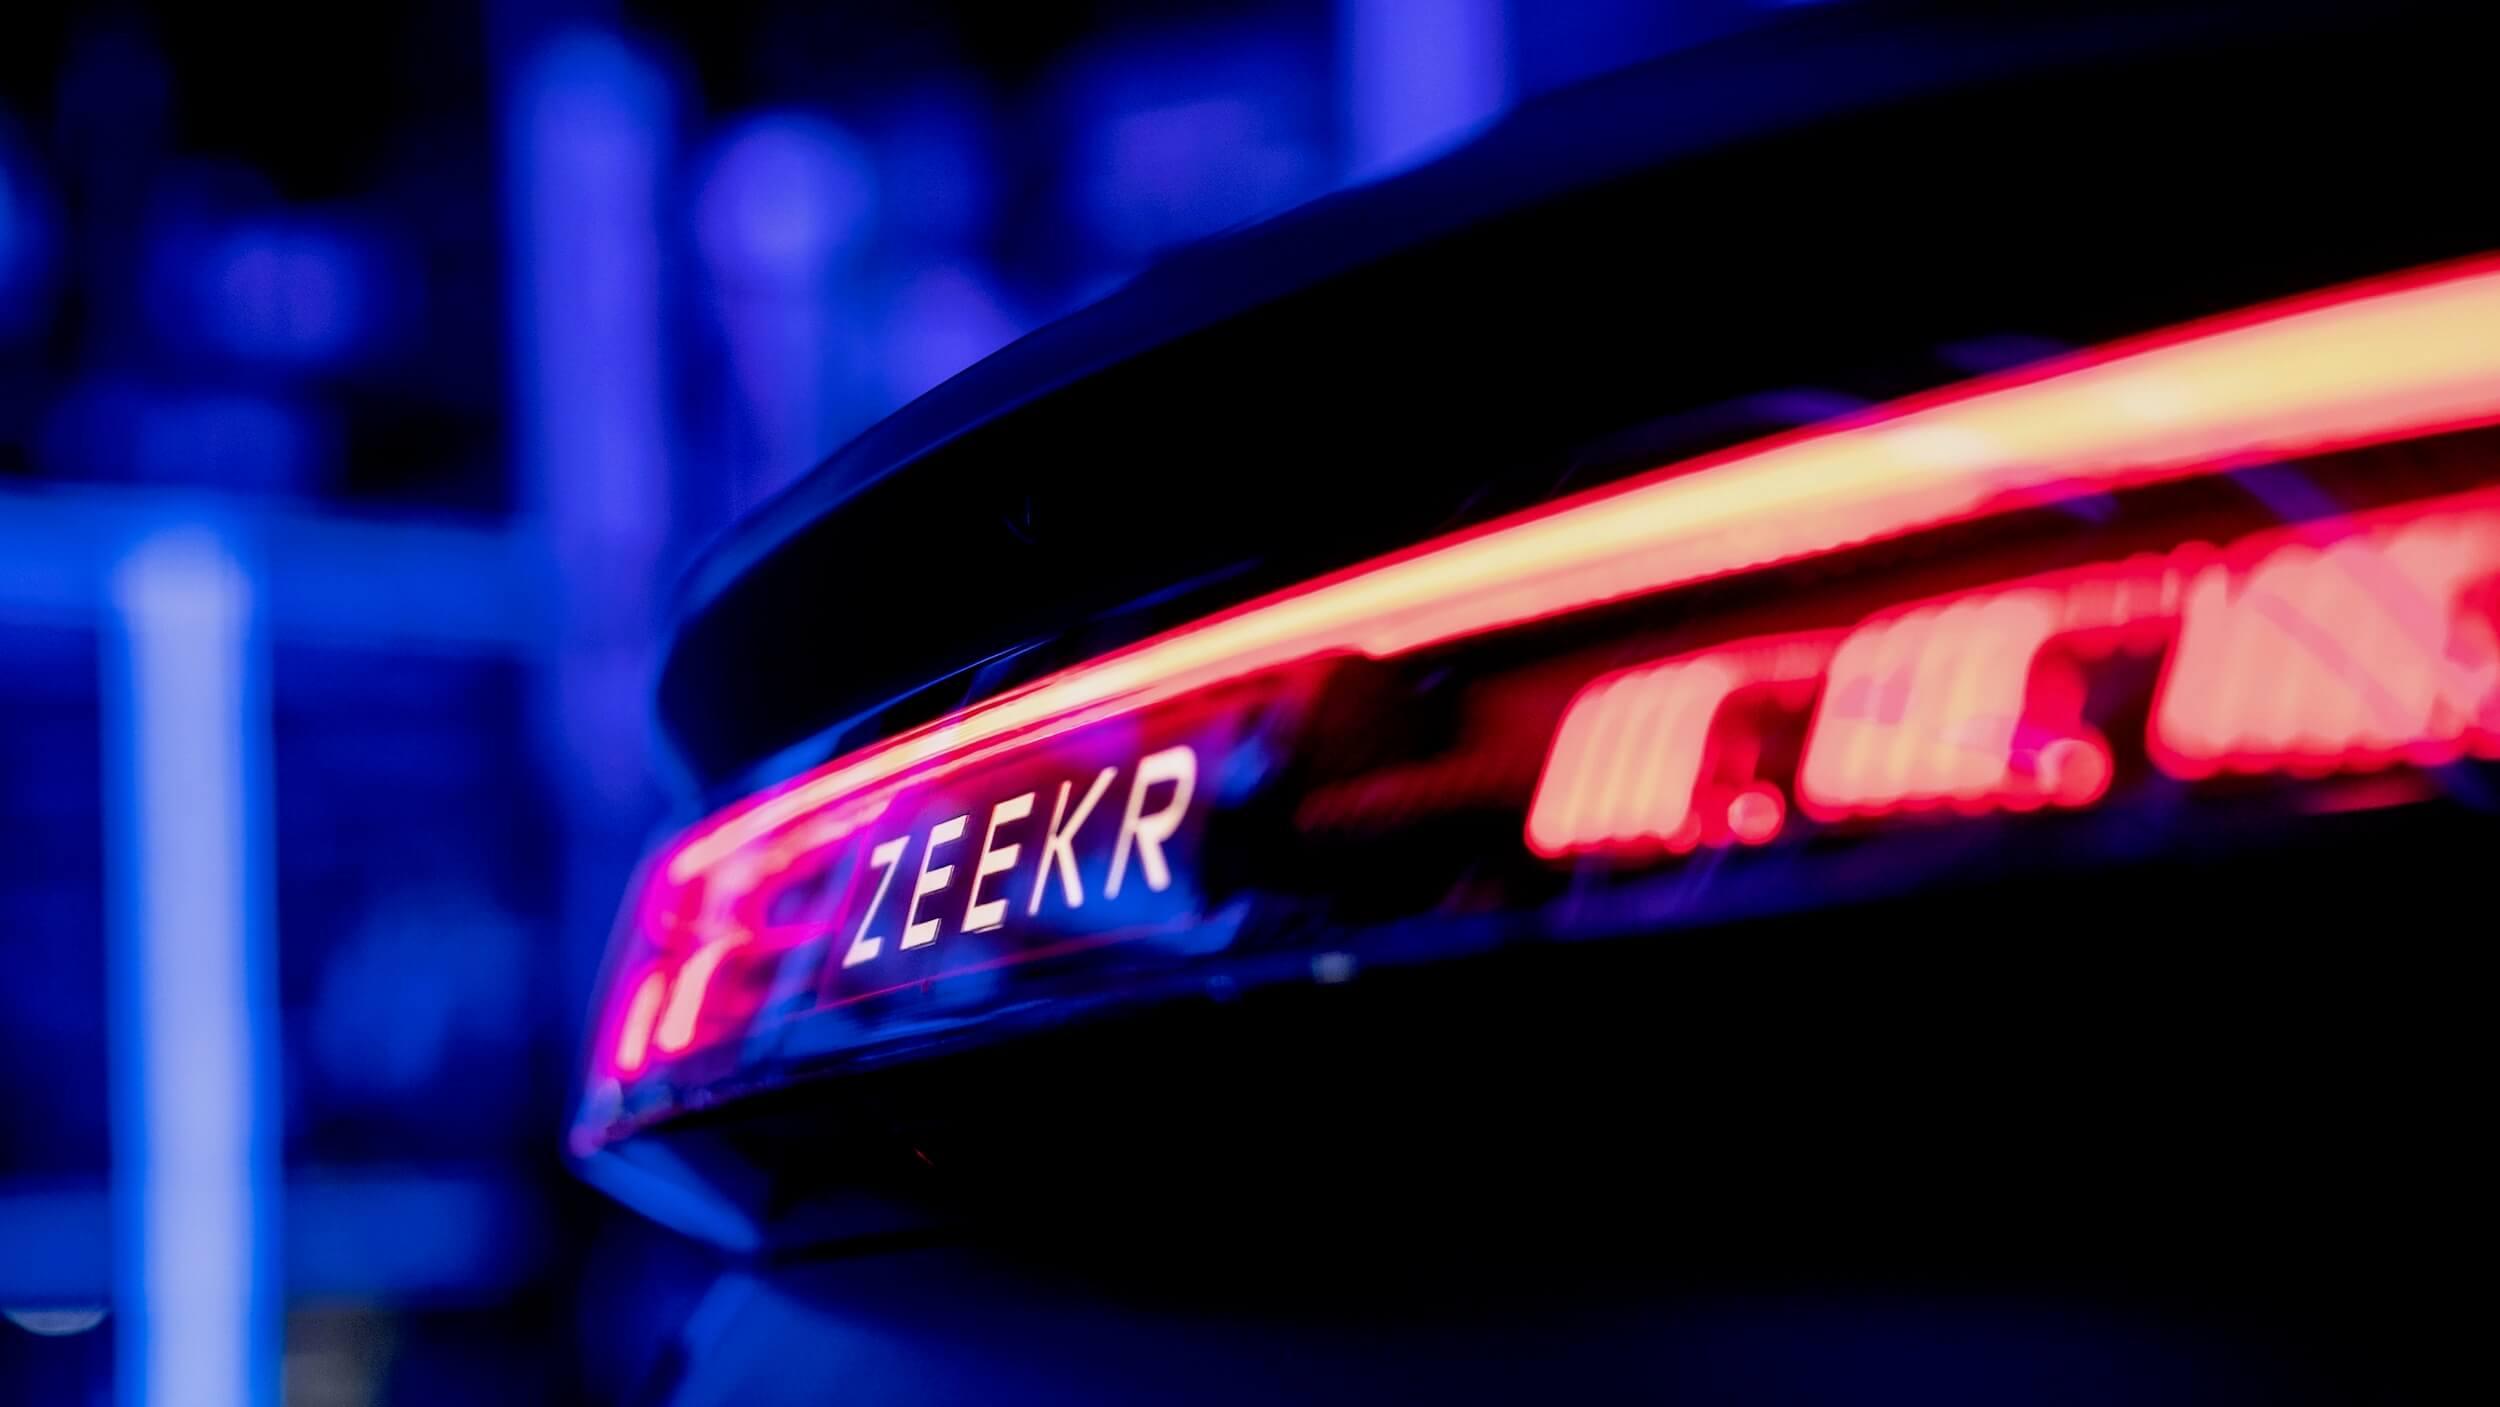 Zeekr 001 auto achterlichten